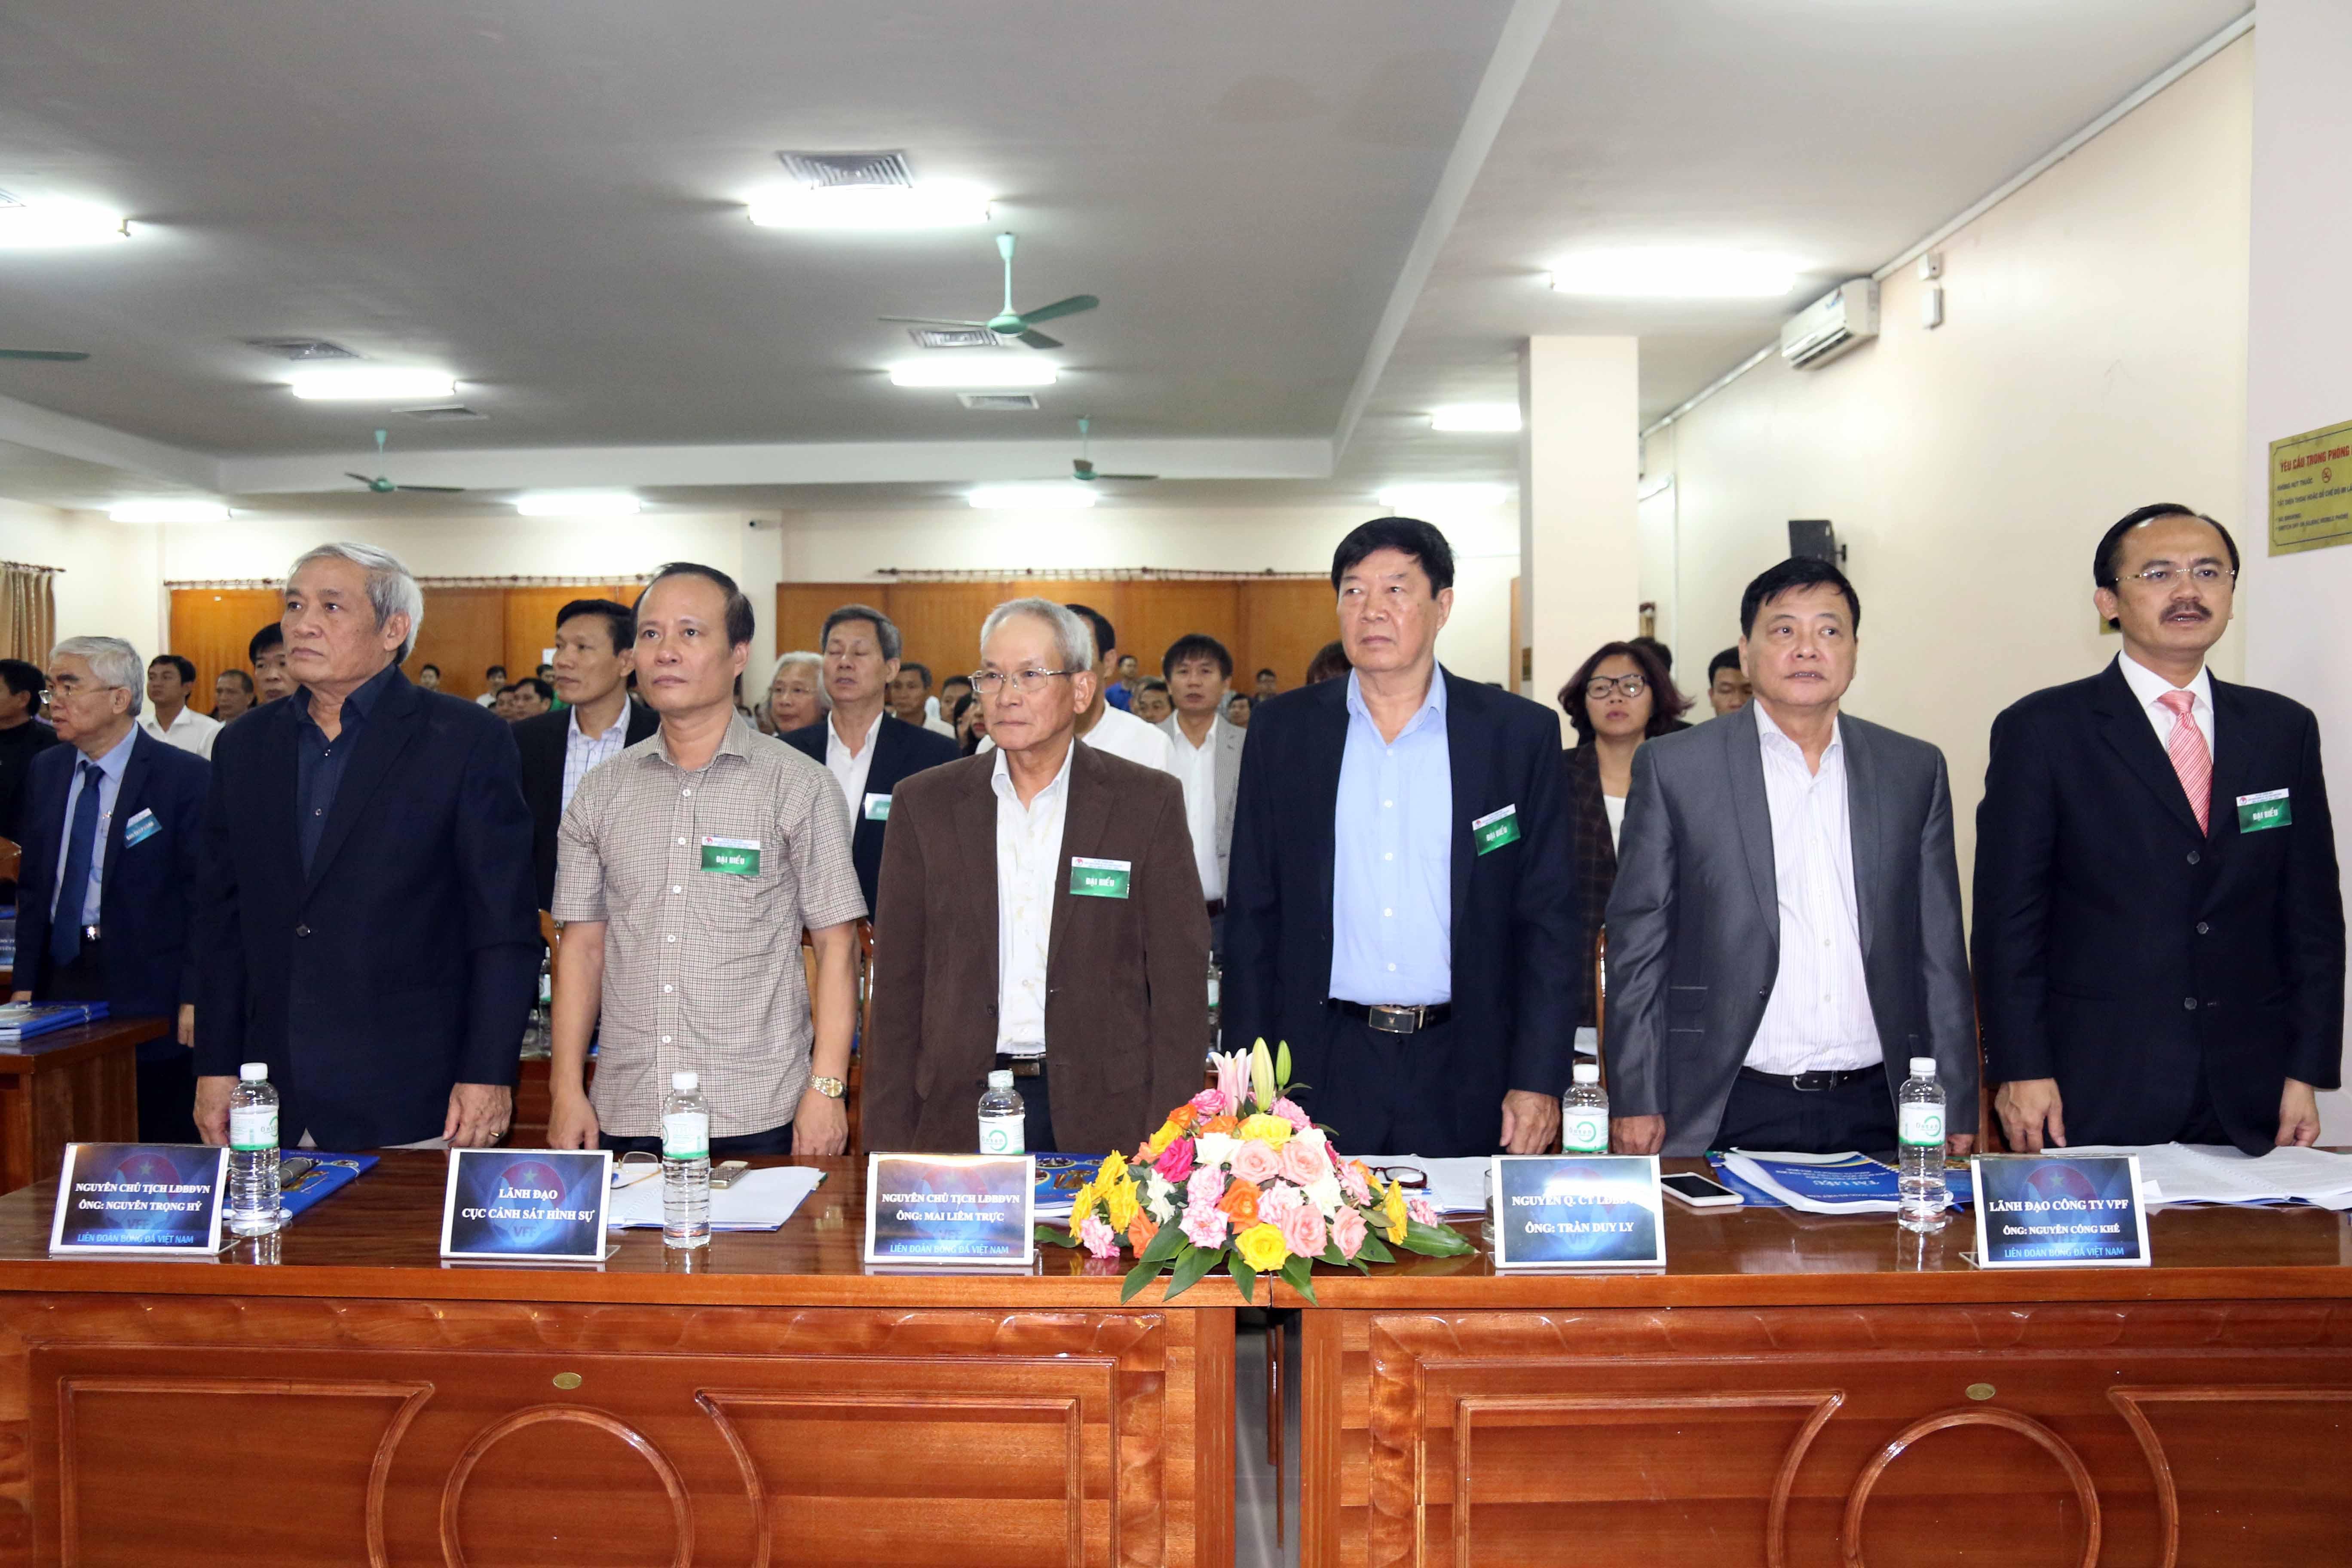 Đại Hội Thường Niên Liên đoàn Bóng đá Việt Nam năm 2016